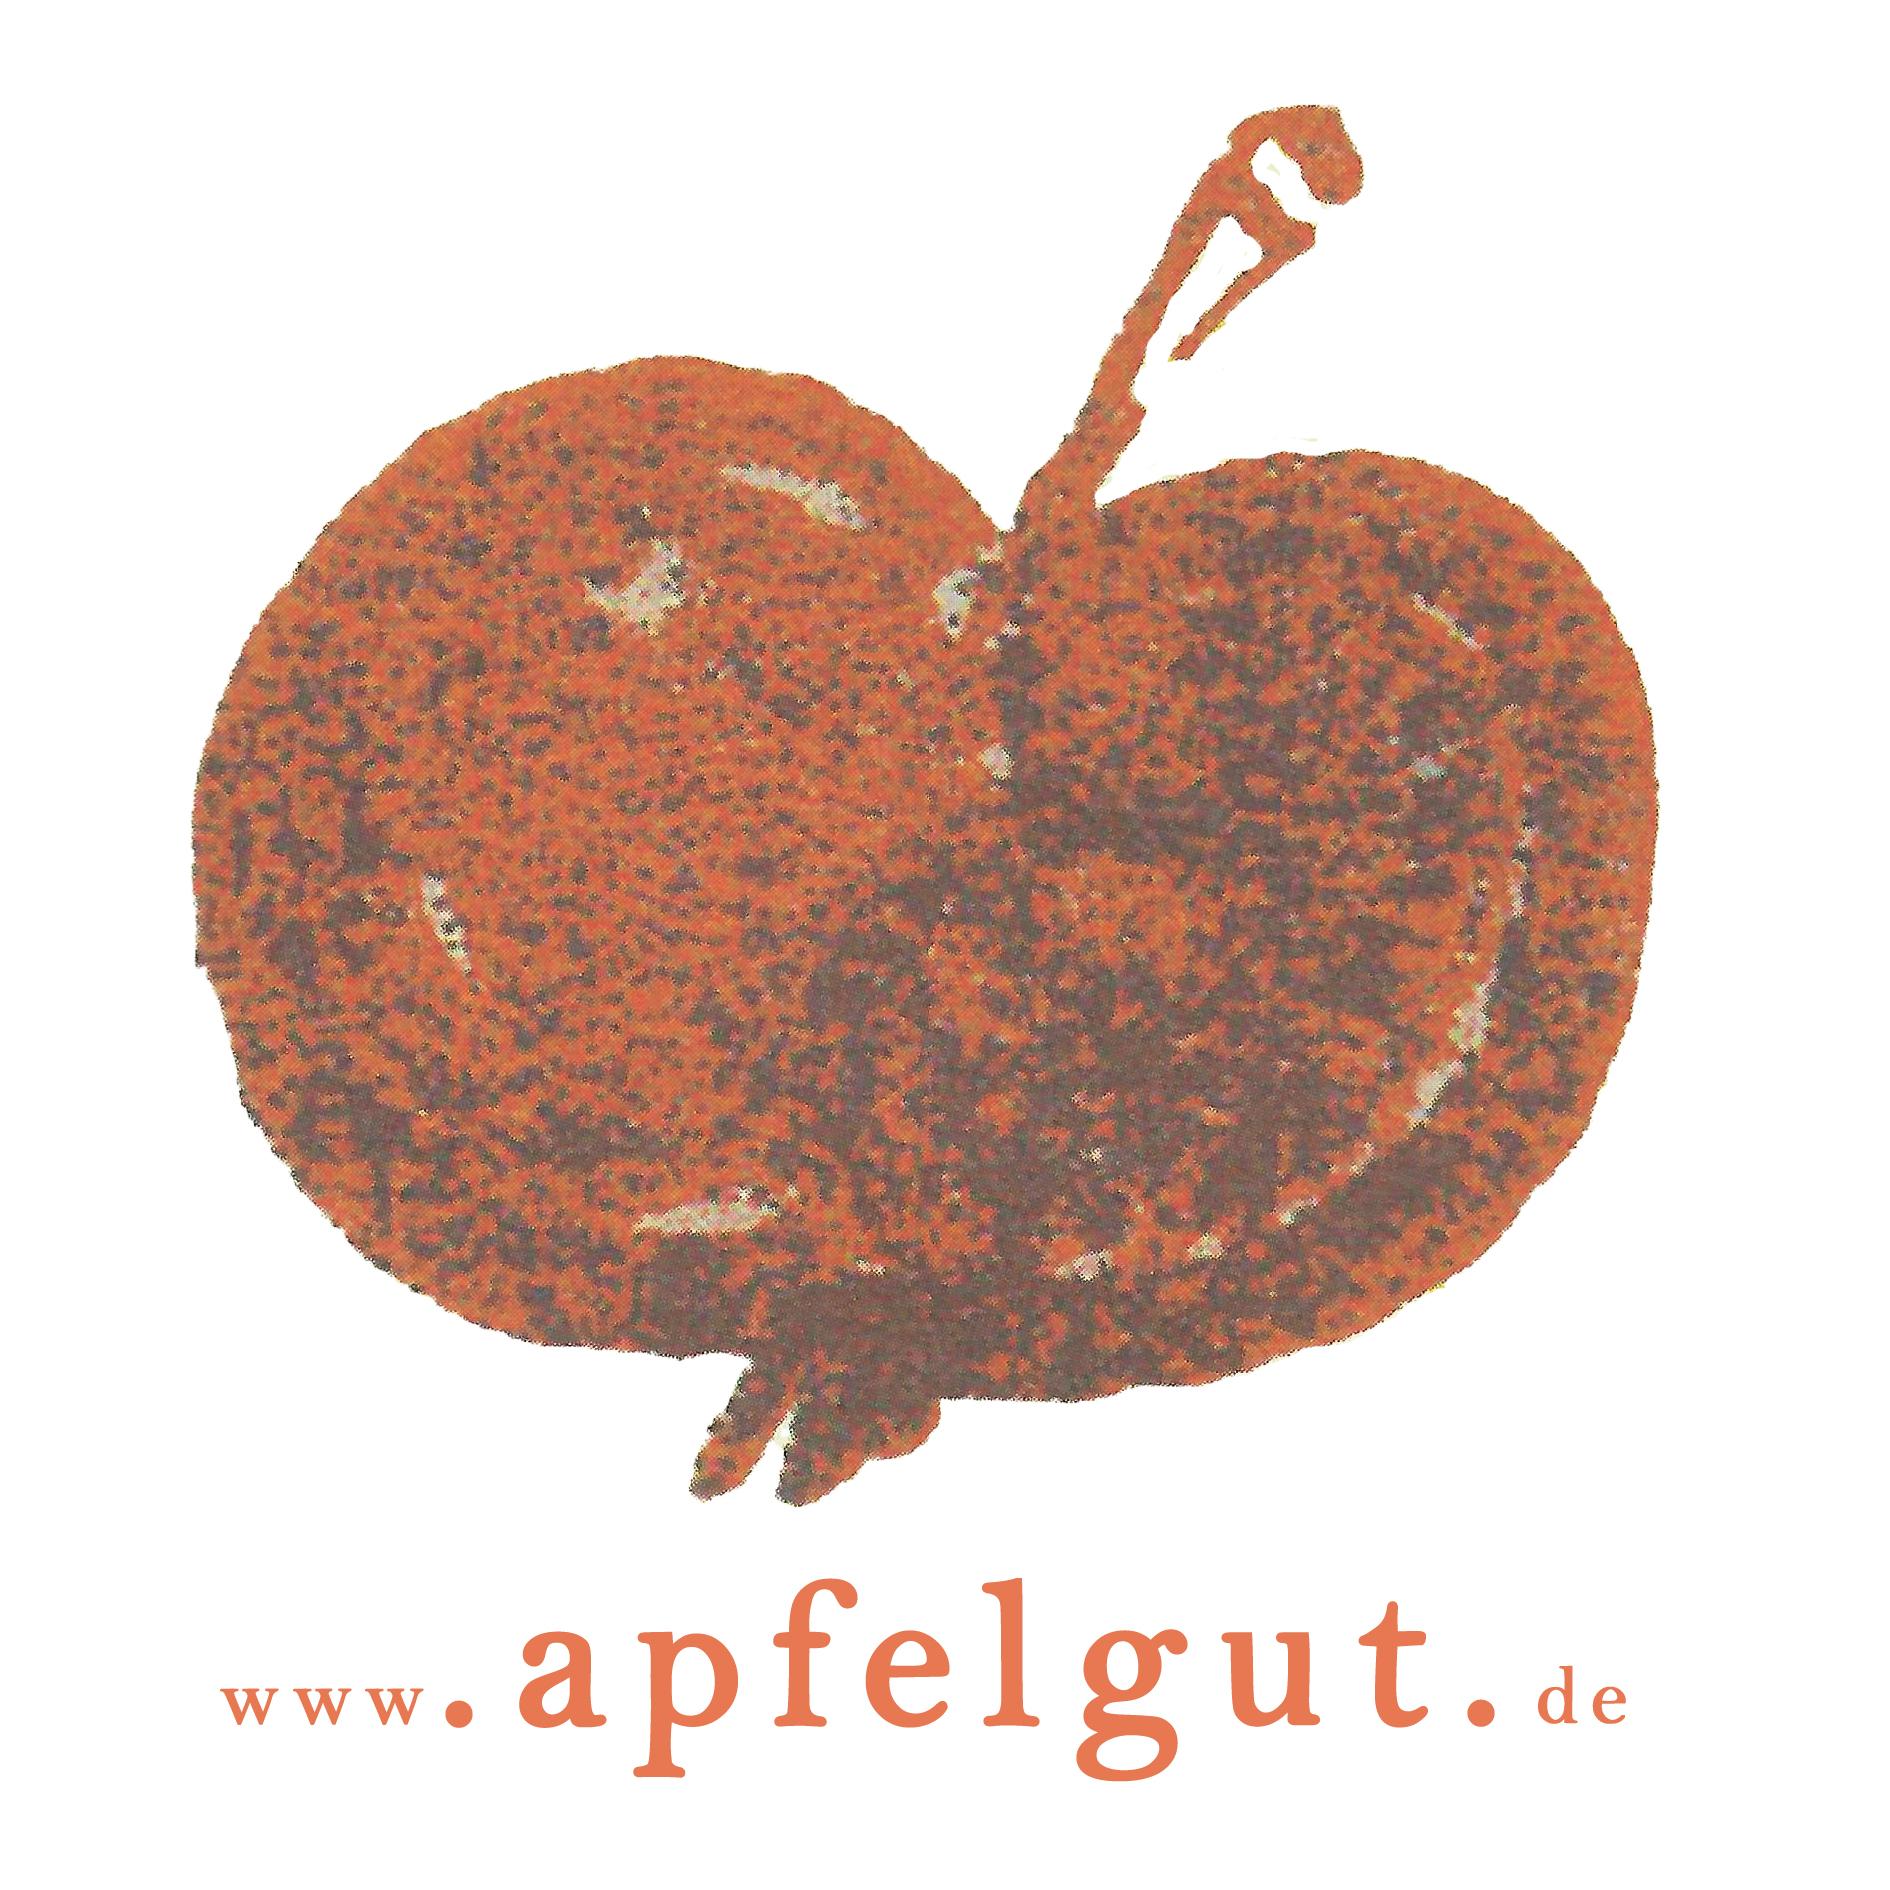 Duttenhofer'sches Apfelgut